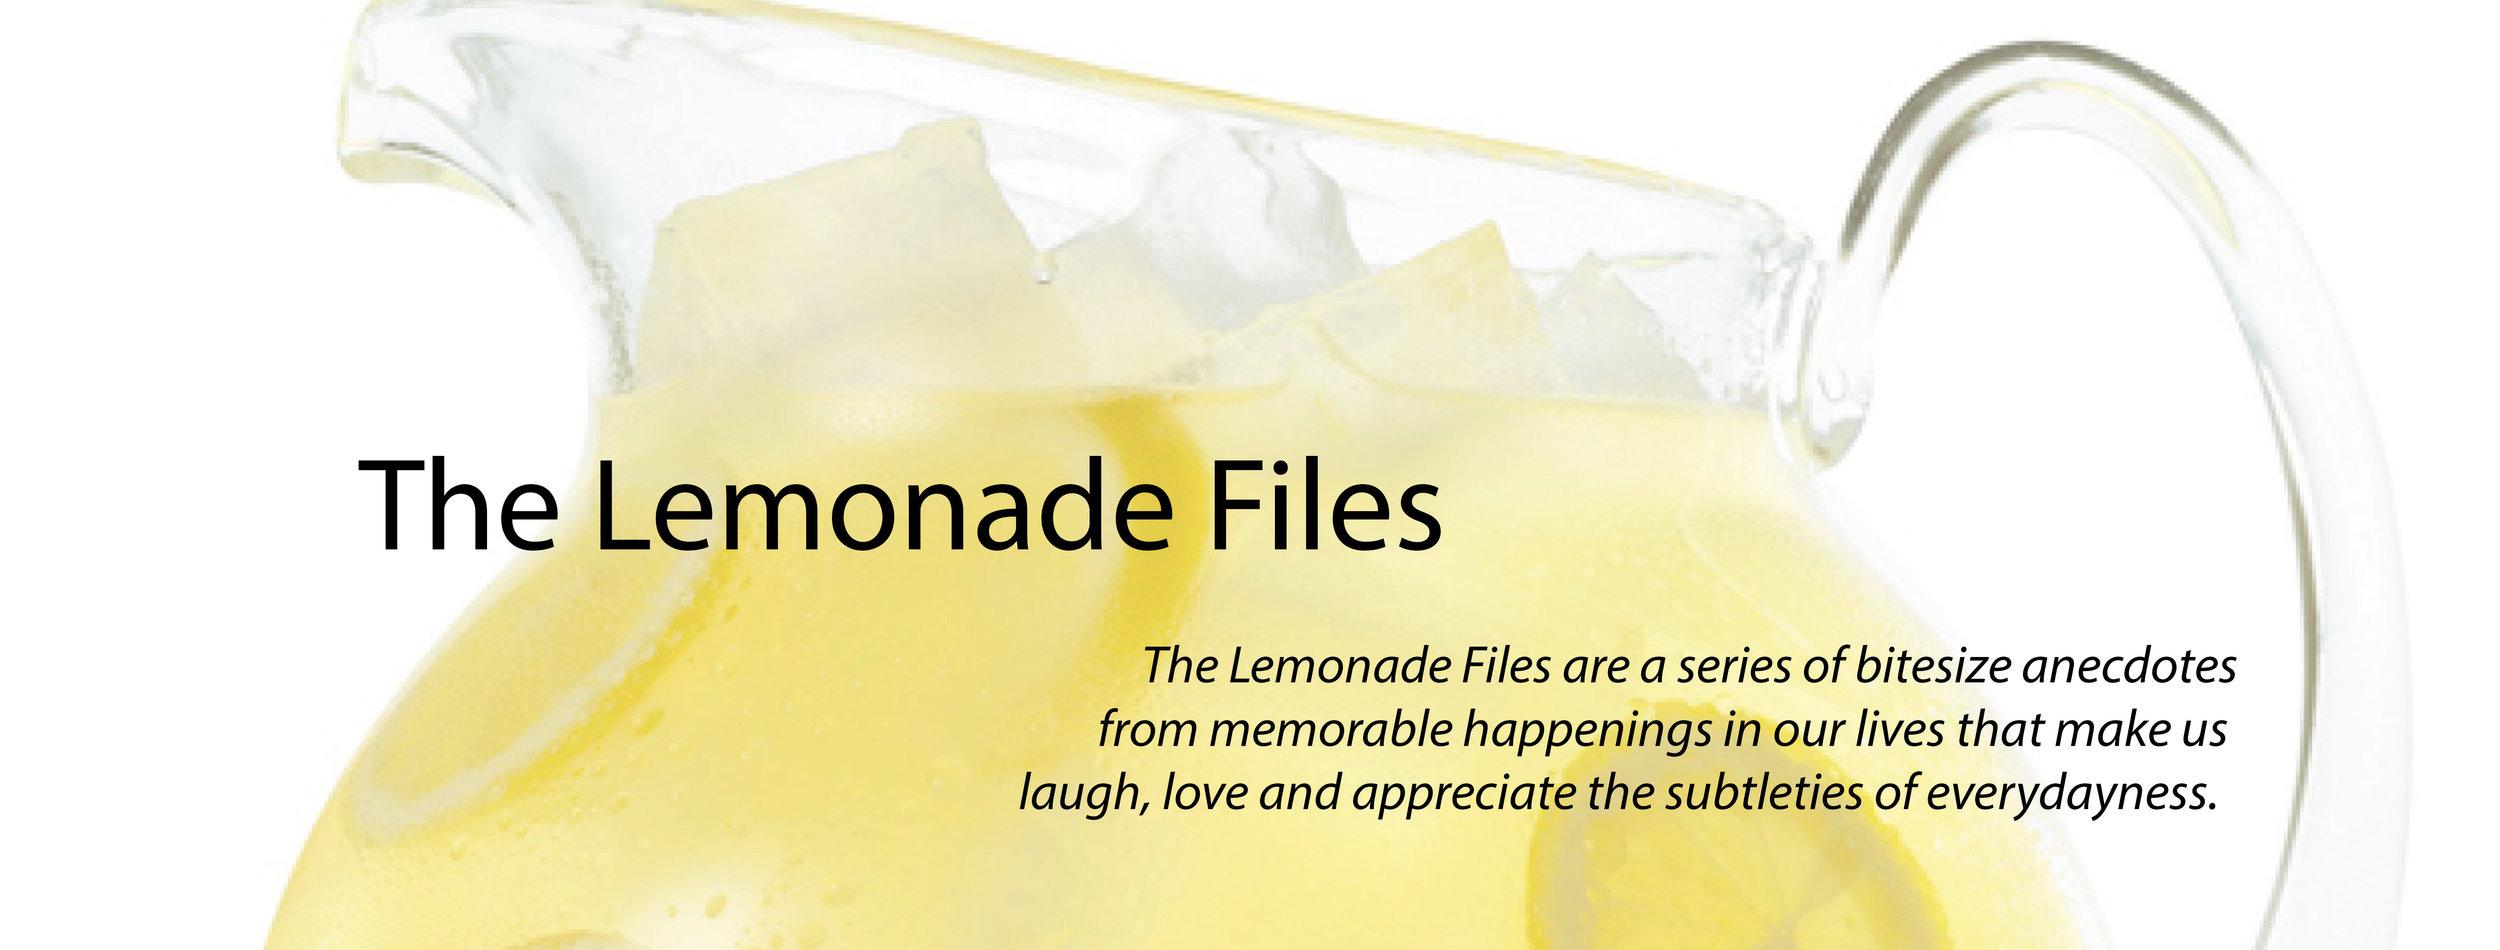 Lemonade Files Banner.jpg